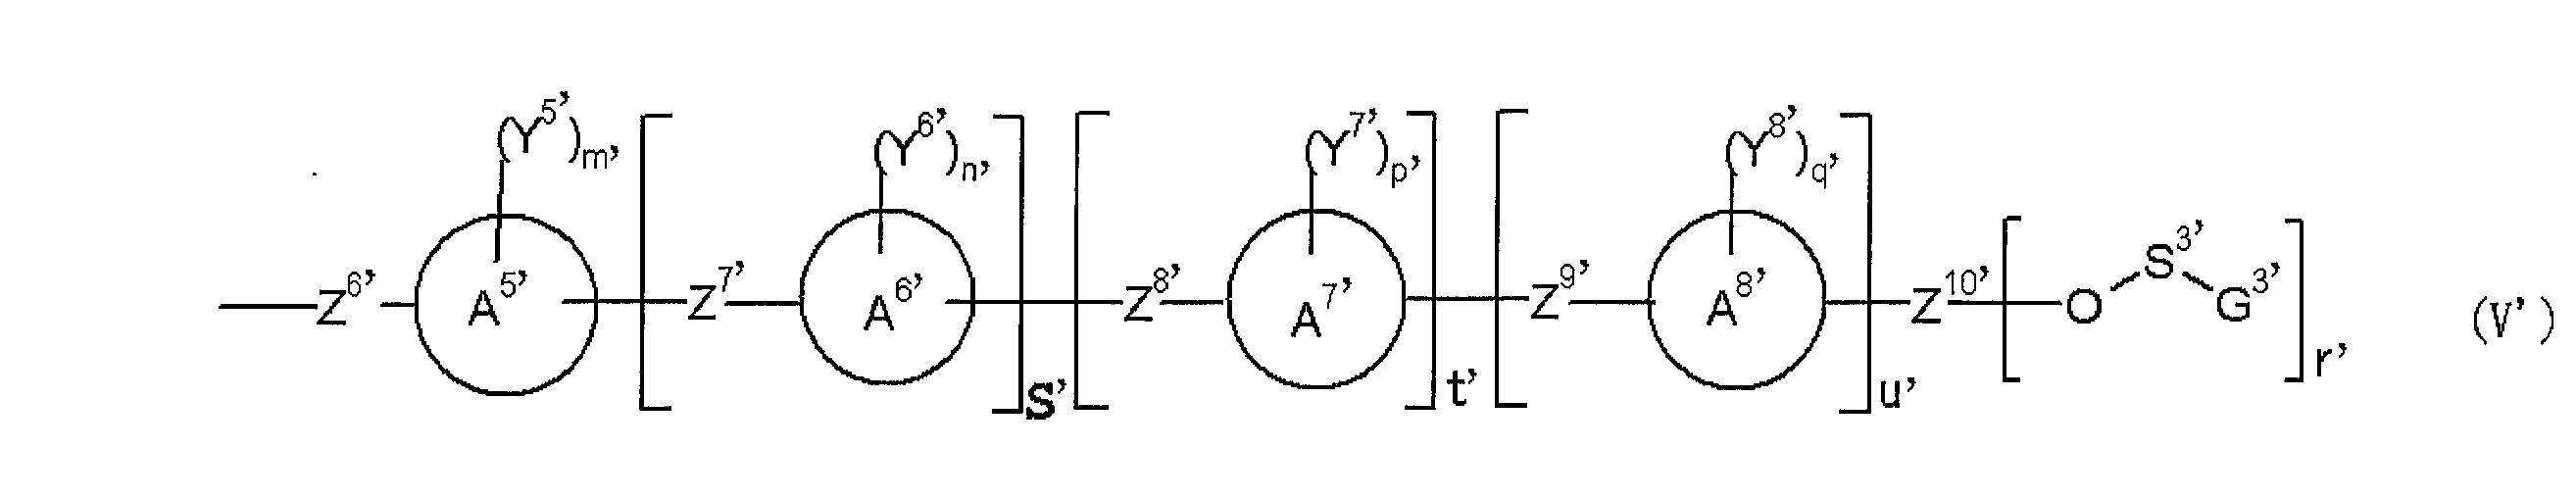 WO2012132936A1 - 重合性液晶組成物、偏光発光性塗料、新規ナフトラクタム誘導体、新規クマリン誘導体、新規ナイルレッド誘導体及び新規アントラセン誘導体         - Google PatentsFamily